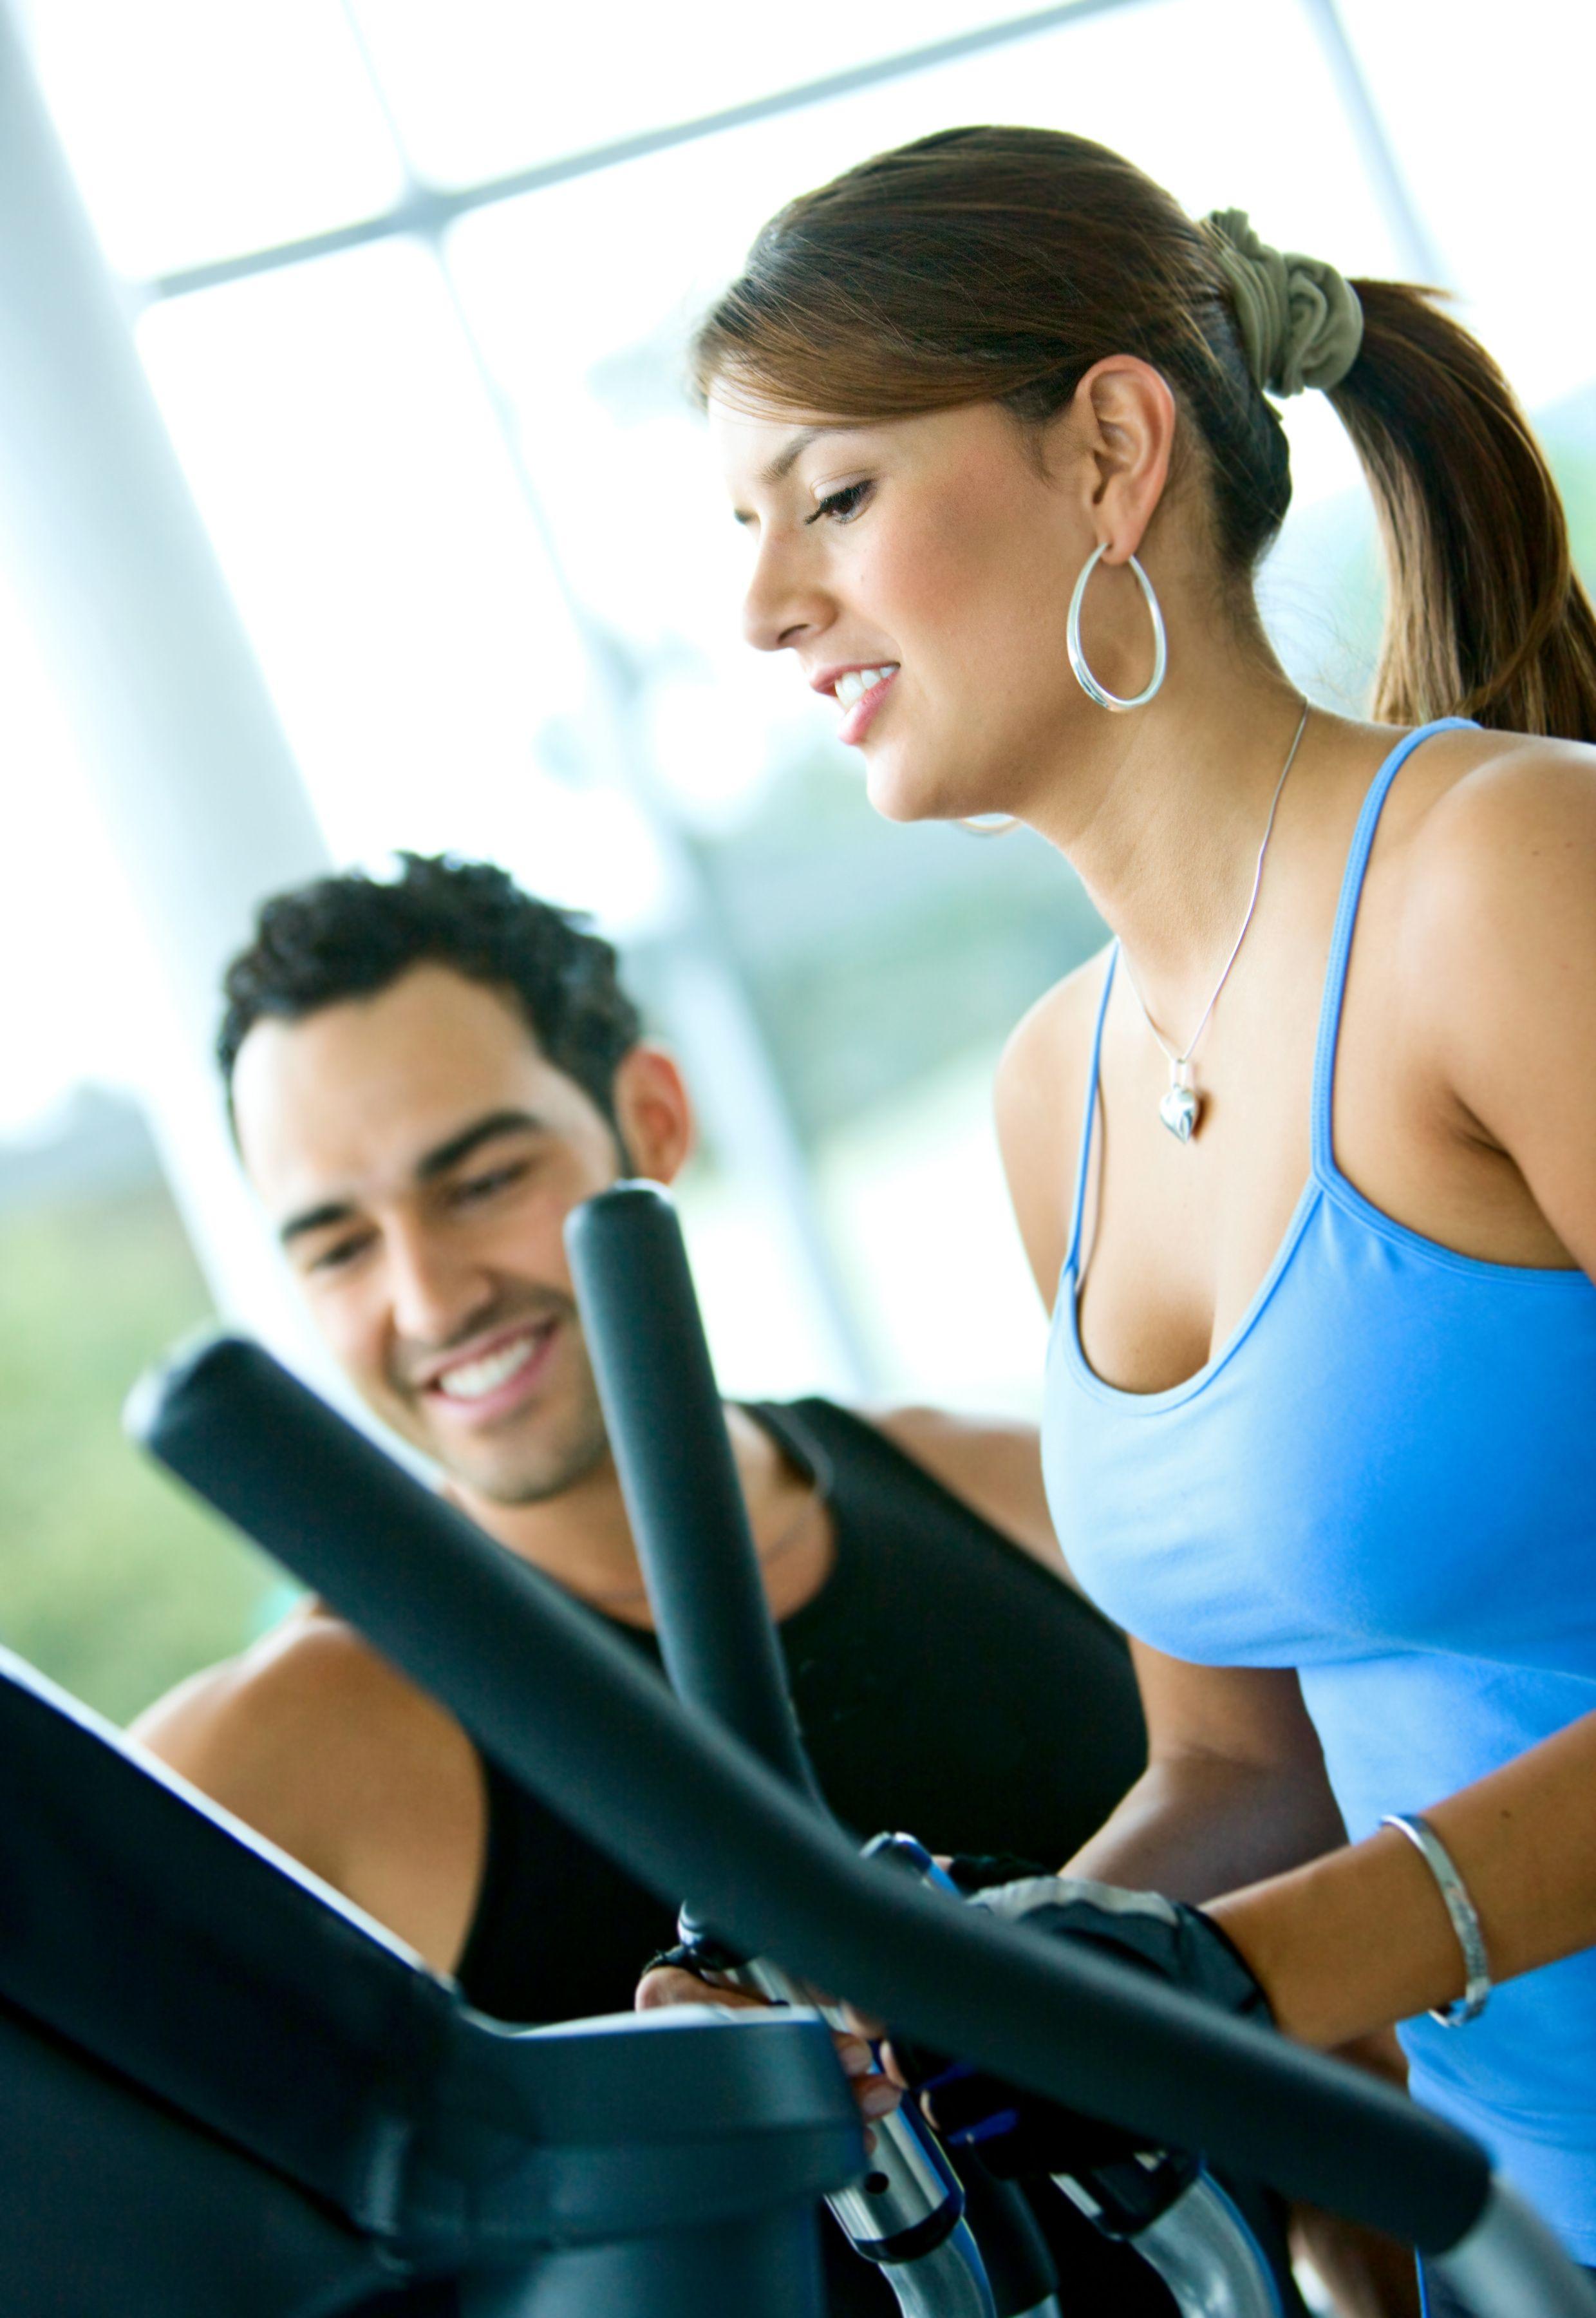 edzés edzőteremben edzővel